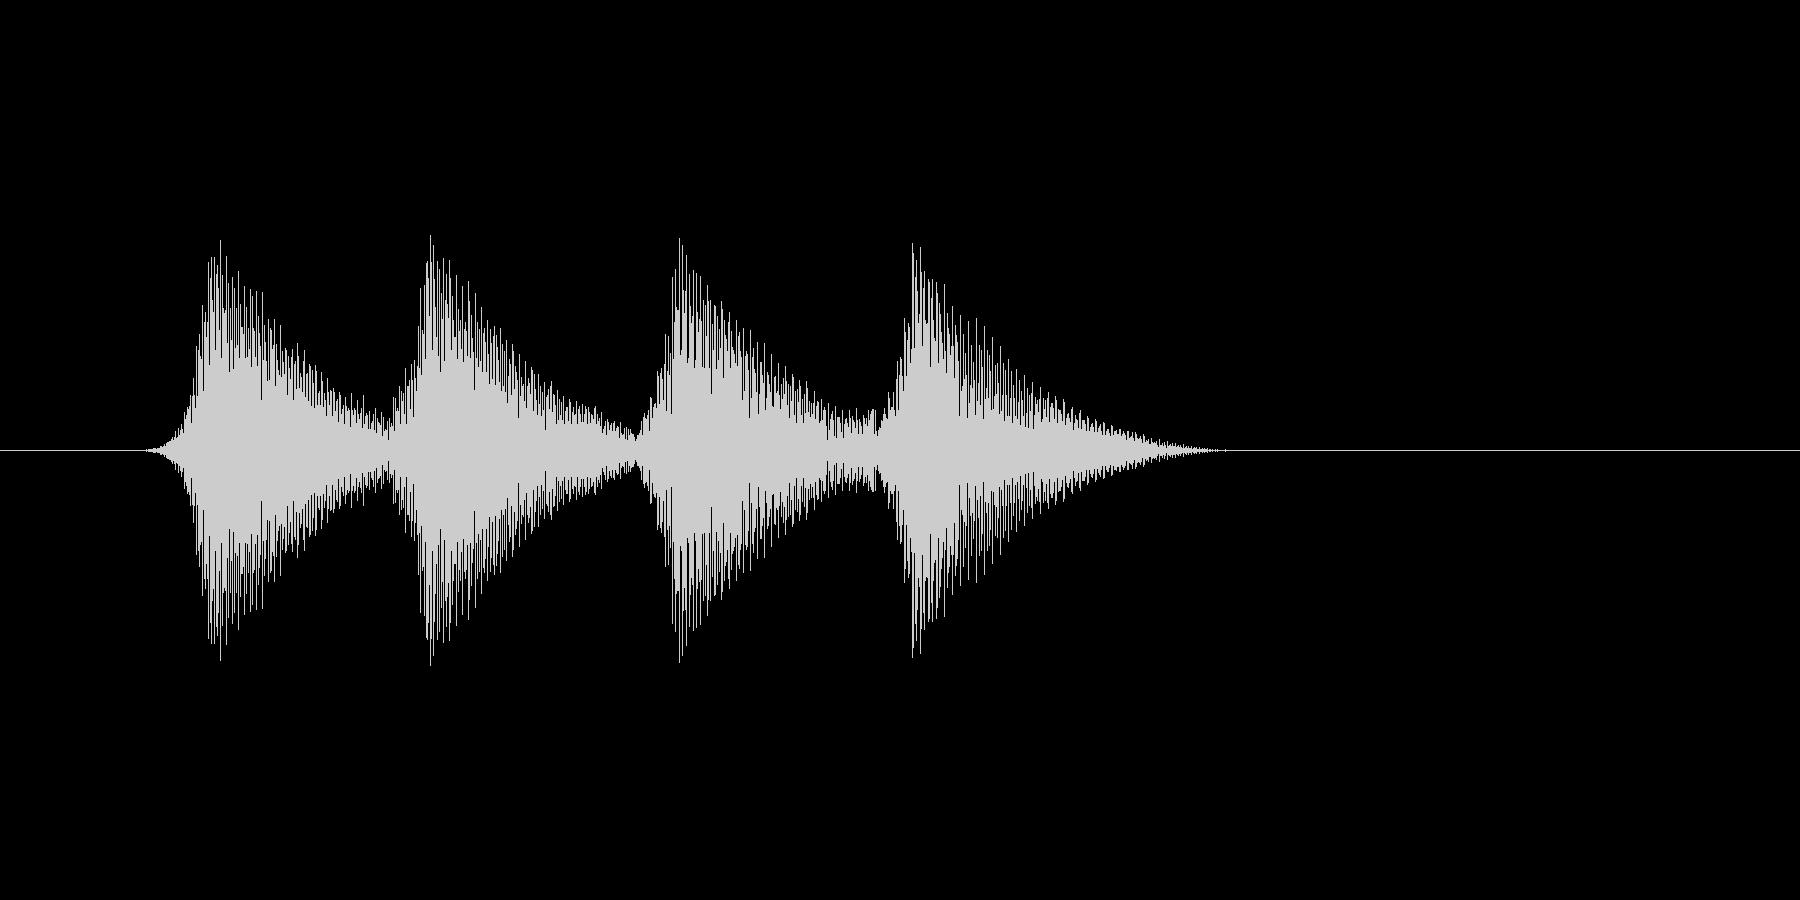 ファミコン風効果音 キャンセル系 14の未再生の波形